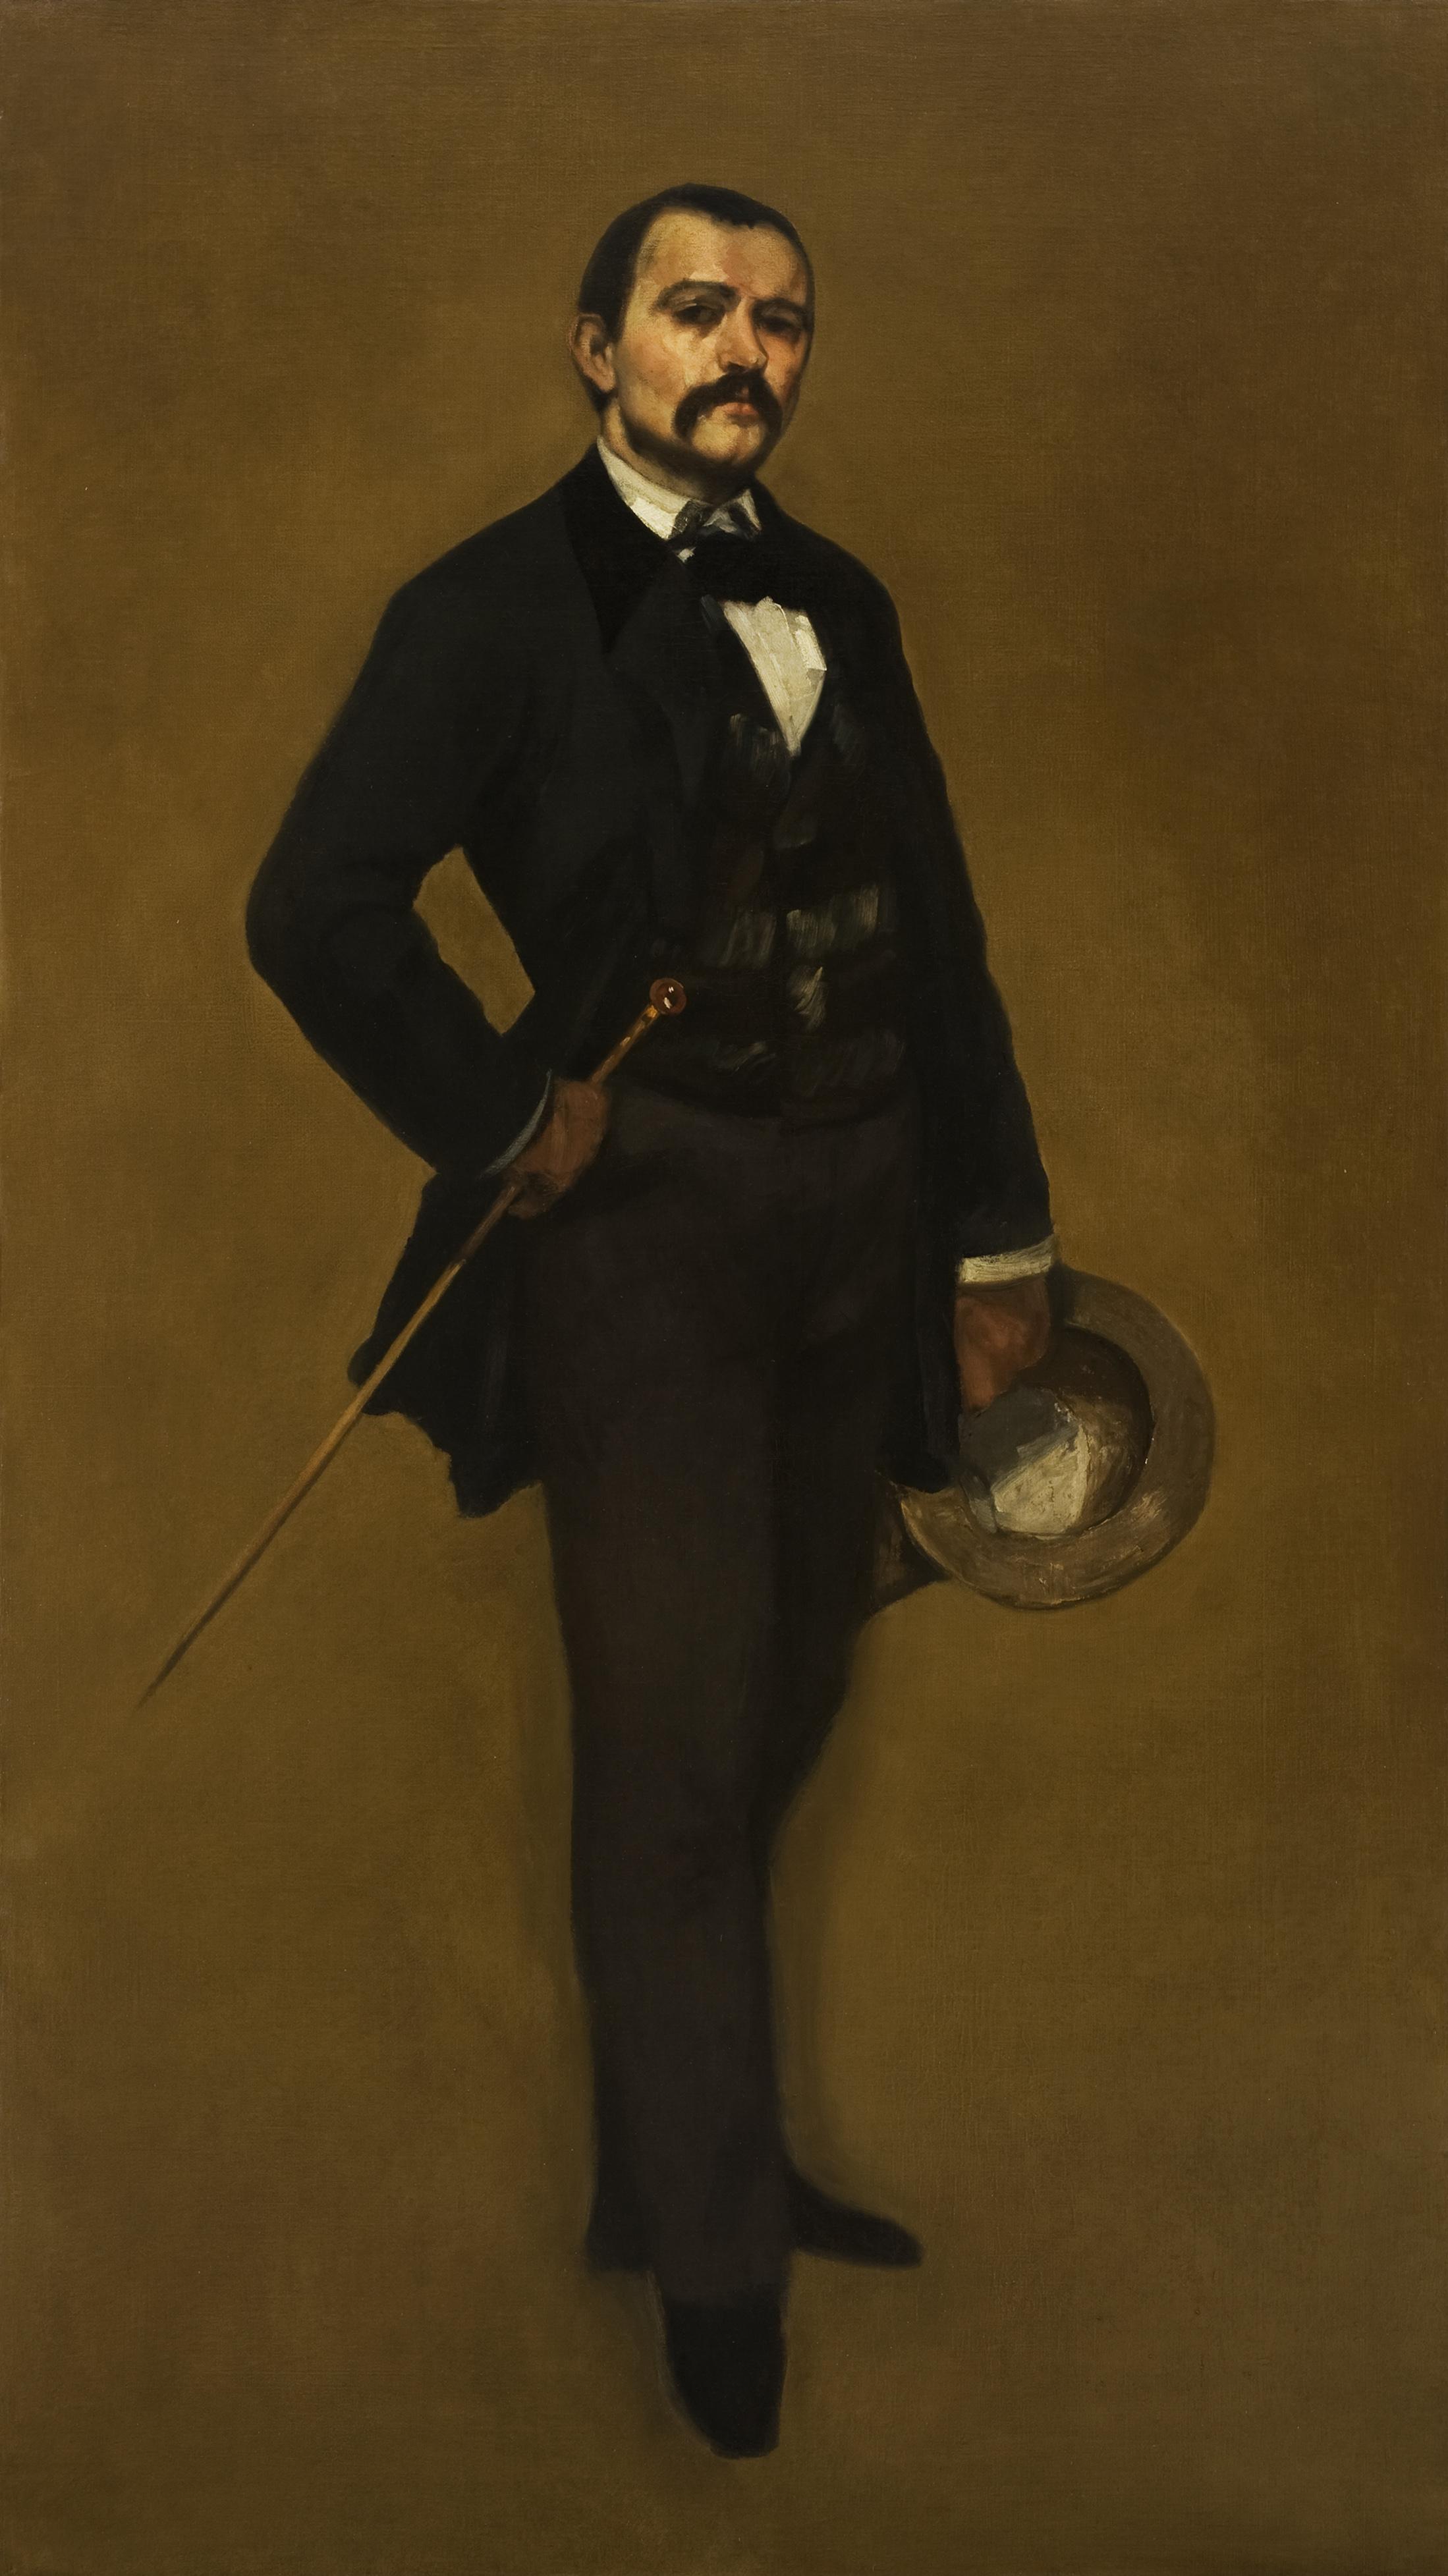 Gustave Courbet (Ornans 1819 - 1877 La Tour-de-Peilz) Portrait of Max Buchon, circa 1855. Musée Jenisch Vevey, donation of M. Edouard Baer-Monnet   © Musée Jenisch Vevey. Photos: Julien Gremaud